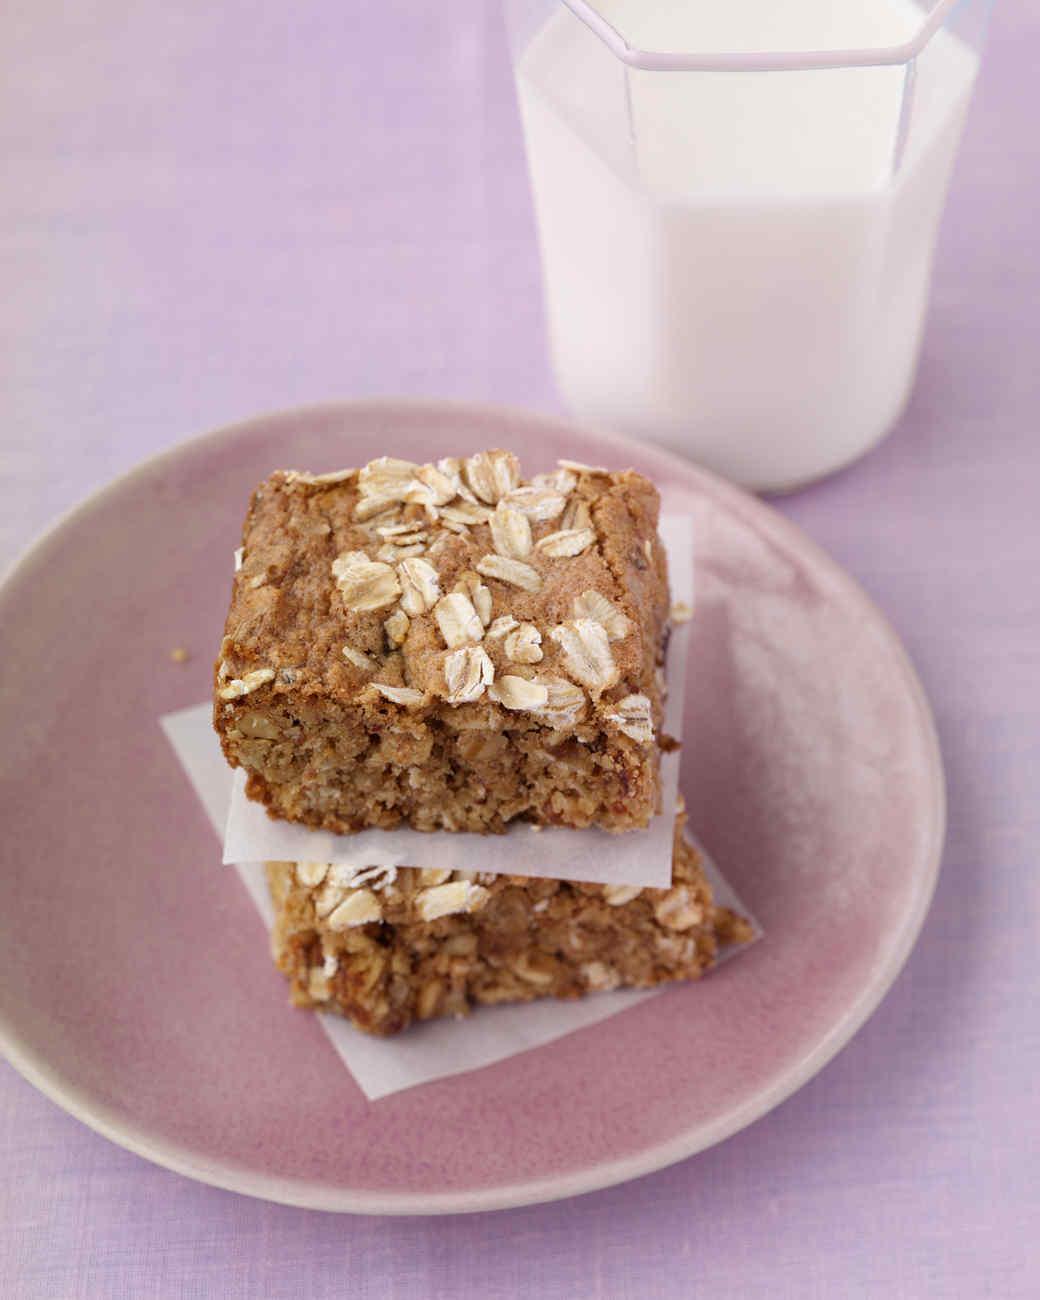 oatmeal-bars-hol05-mld101474.jpg